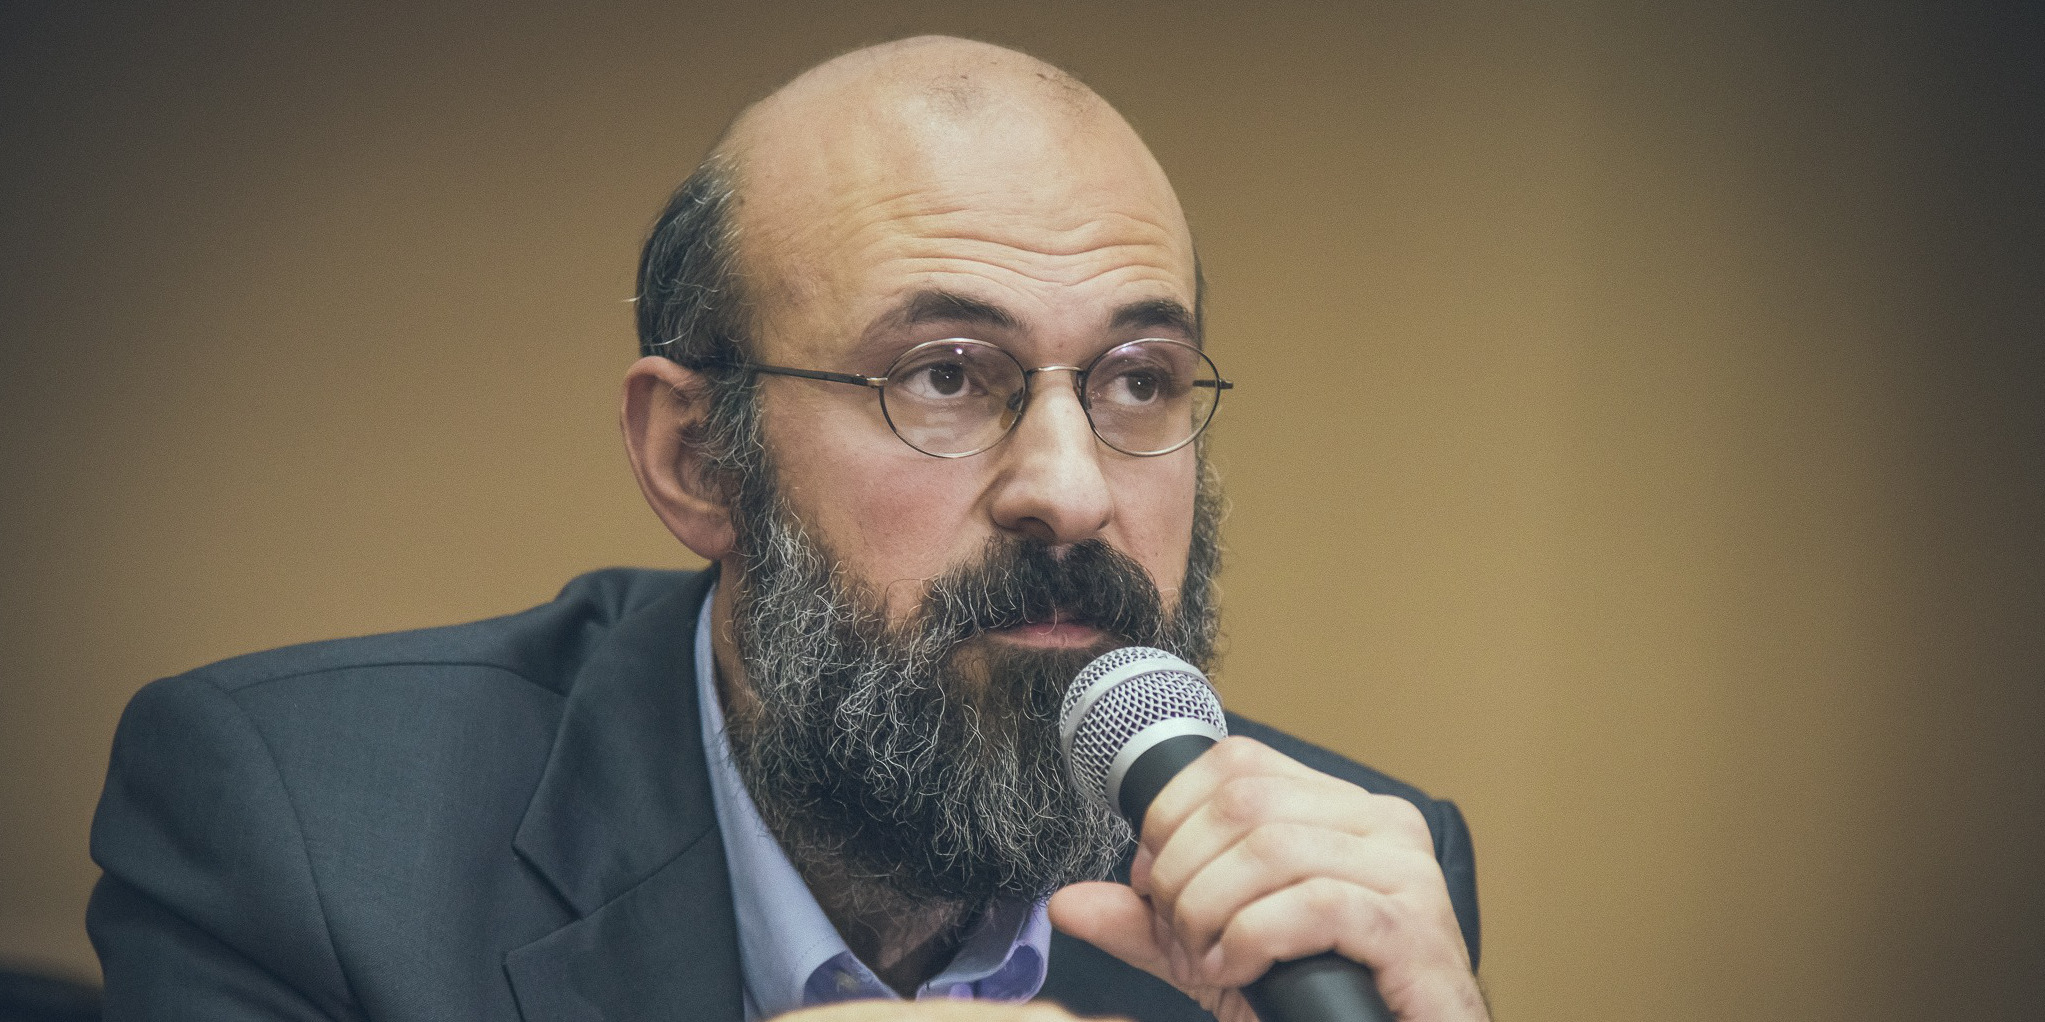 """Dr. bioetician Virgiliu Gheorghe: """"Dacă s-ar trata boala de la început, nu ar mai muri oamenii de Covid-19"""" (II)"""